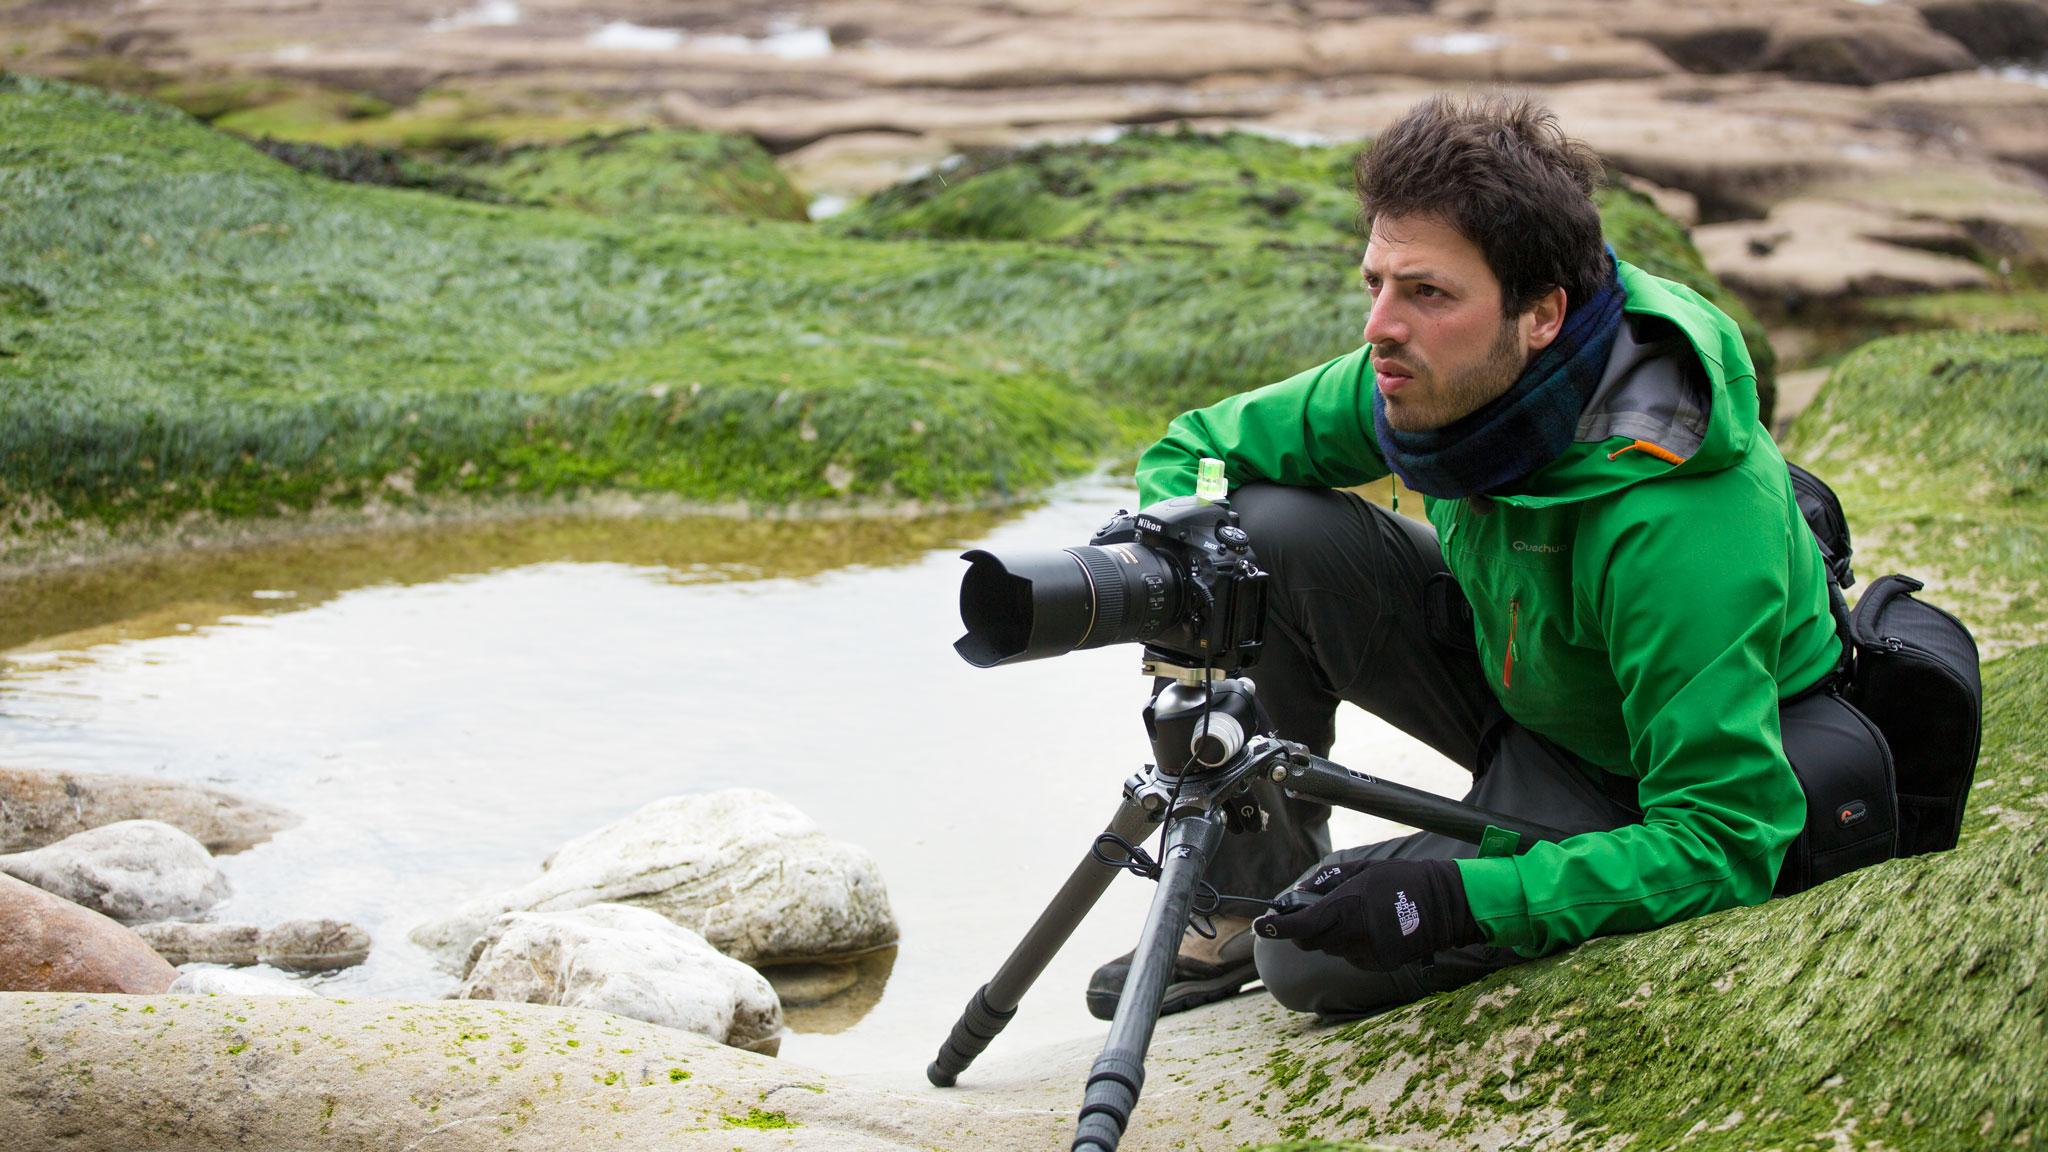 il fotografo isernino Francesco Carovillano a lavoro 2016